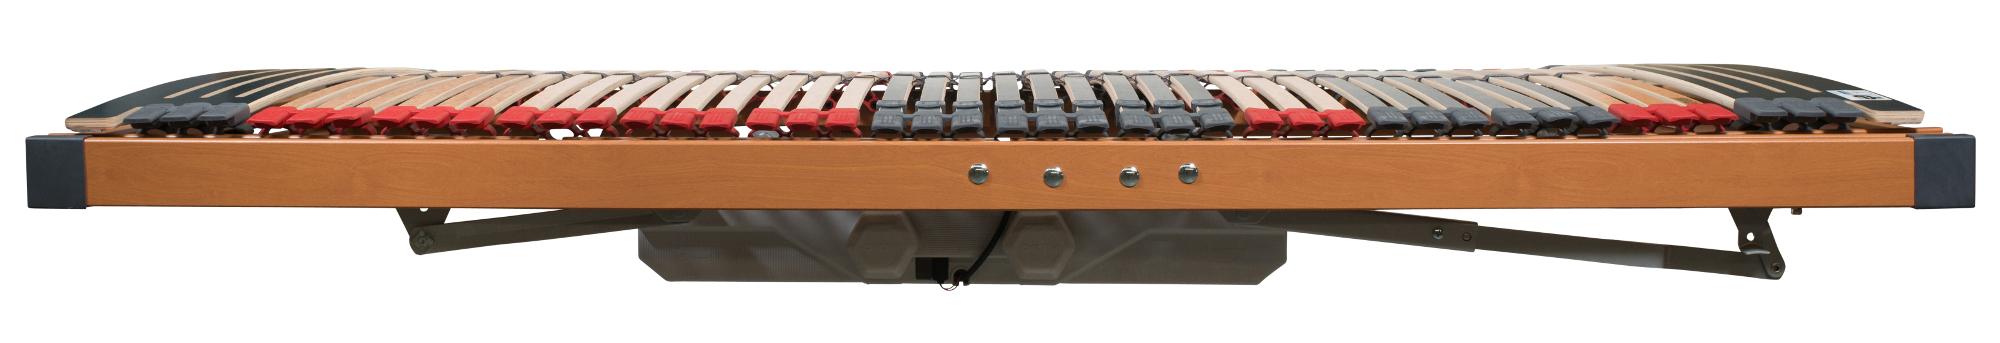 Lattenrost Elektrisch Verstellbar Direkt Vom Hersteller